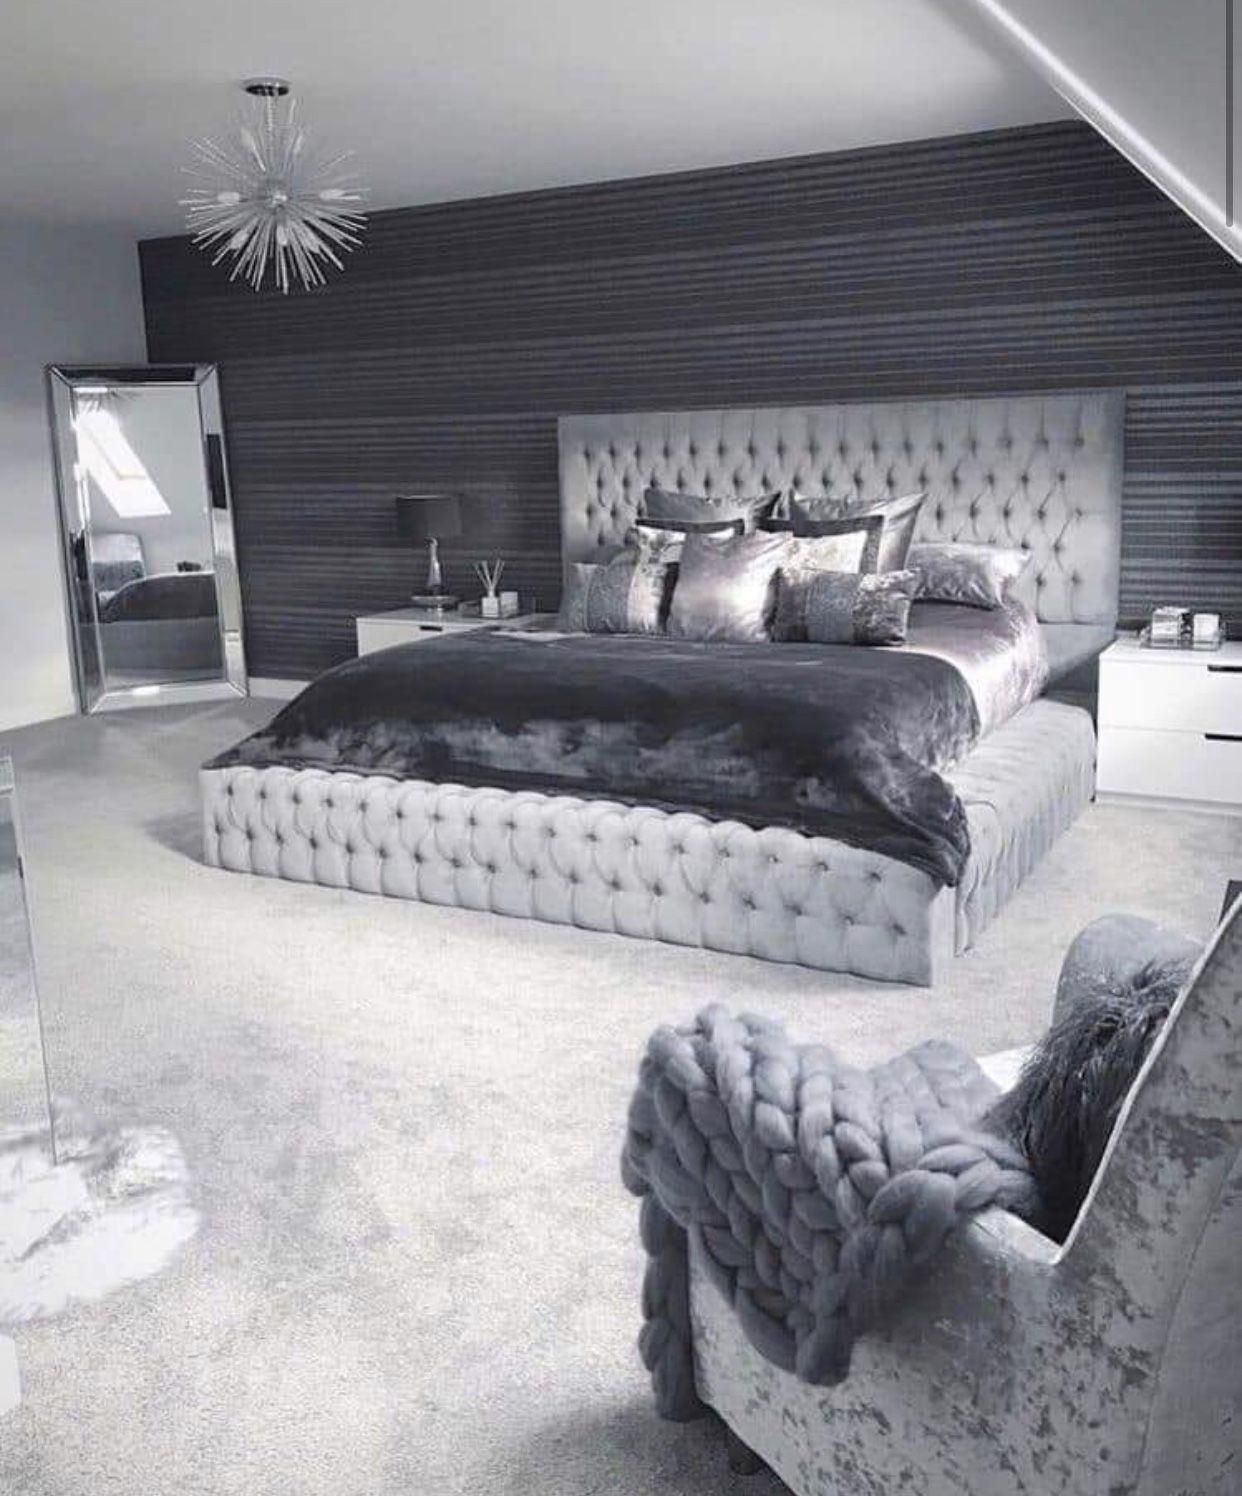 Pin By Bettina Jurenak On House Reno Ideas Cozy Master Bedroom